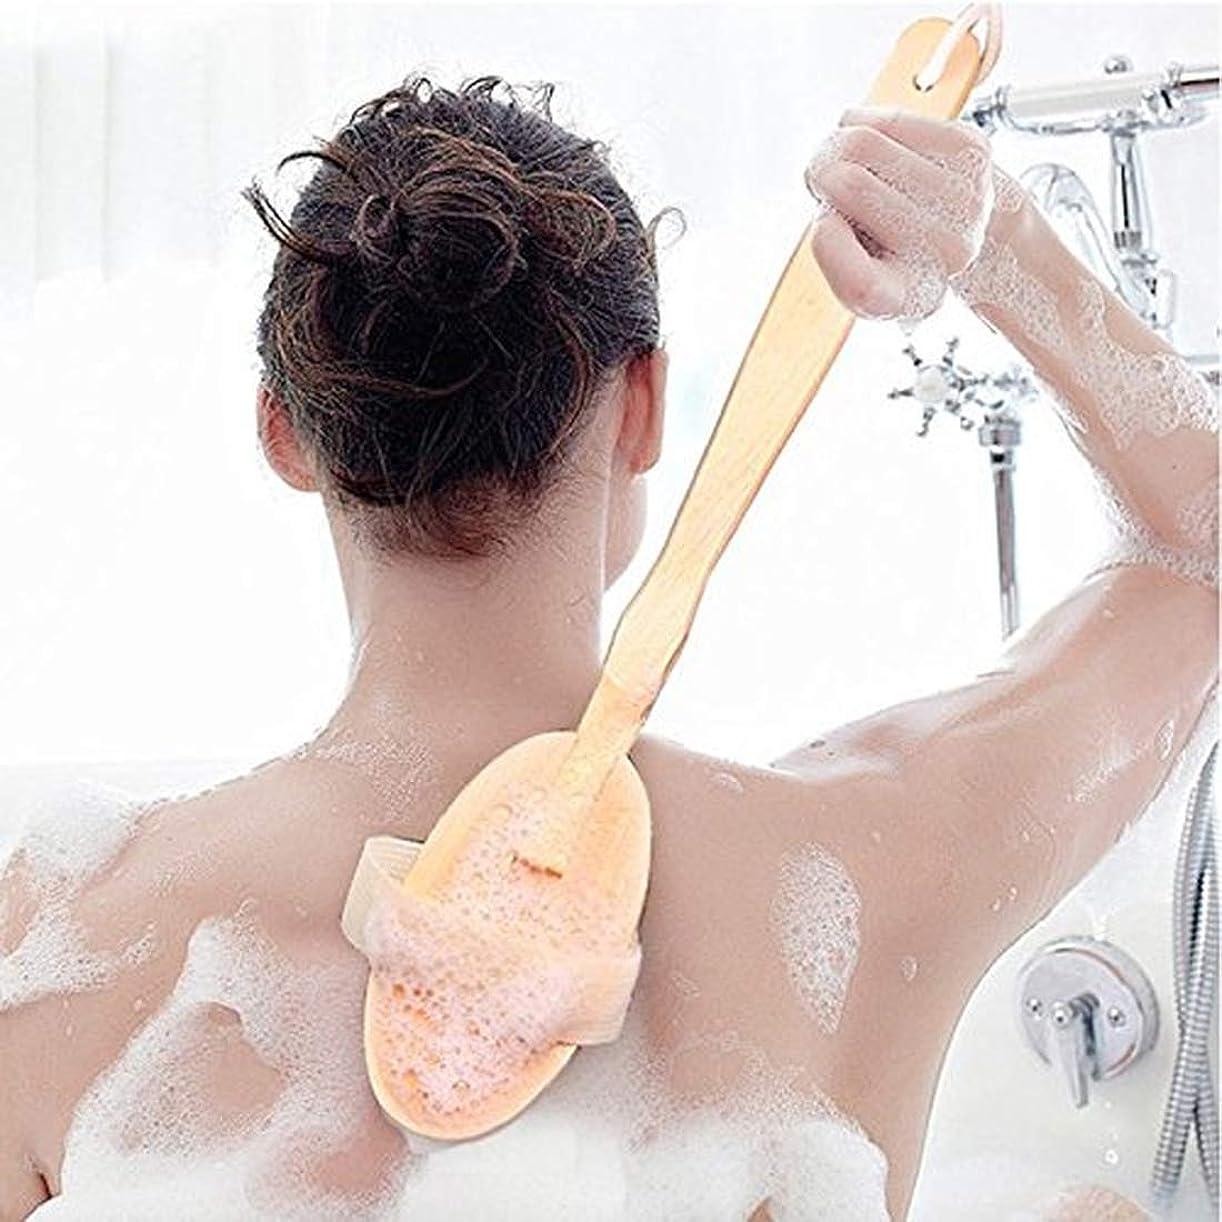 輸送うまくいけば完全にicey 木製 長柄 入浴ブラシ お風呂の神器 ブラシ 入浴ブラシ ブタのたらいブラシ 軟毛 背中をこす 背中長柄ボディブラシ高級木製豚毛入浴ブラシ美肌効果むくみ改善